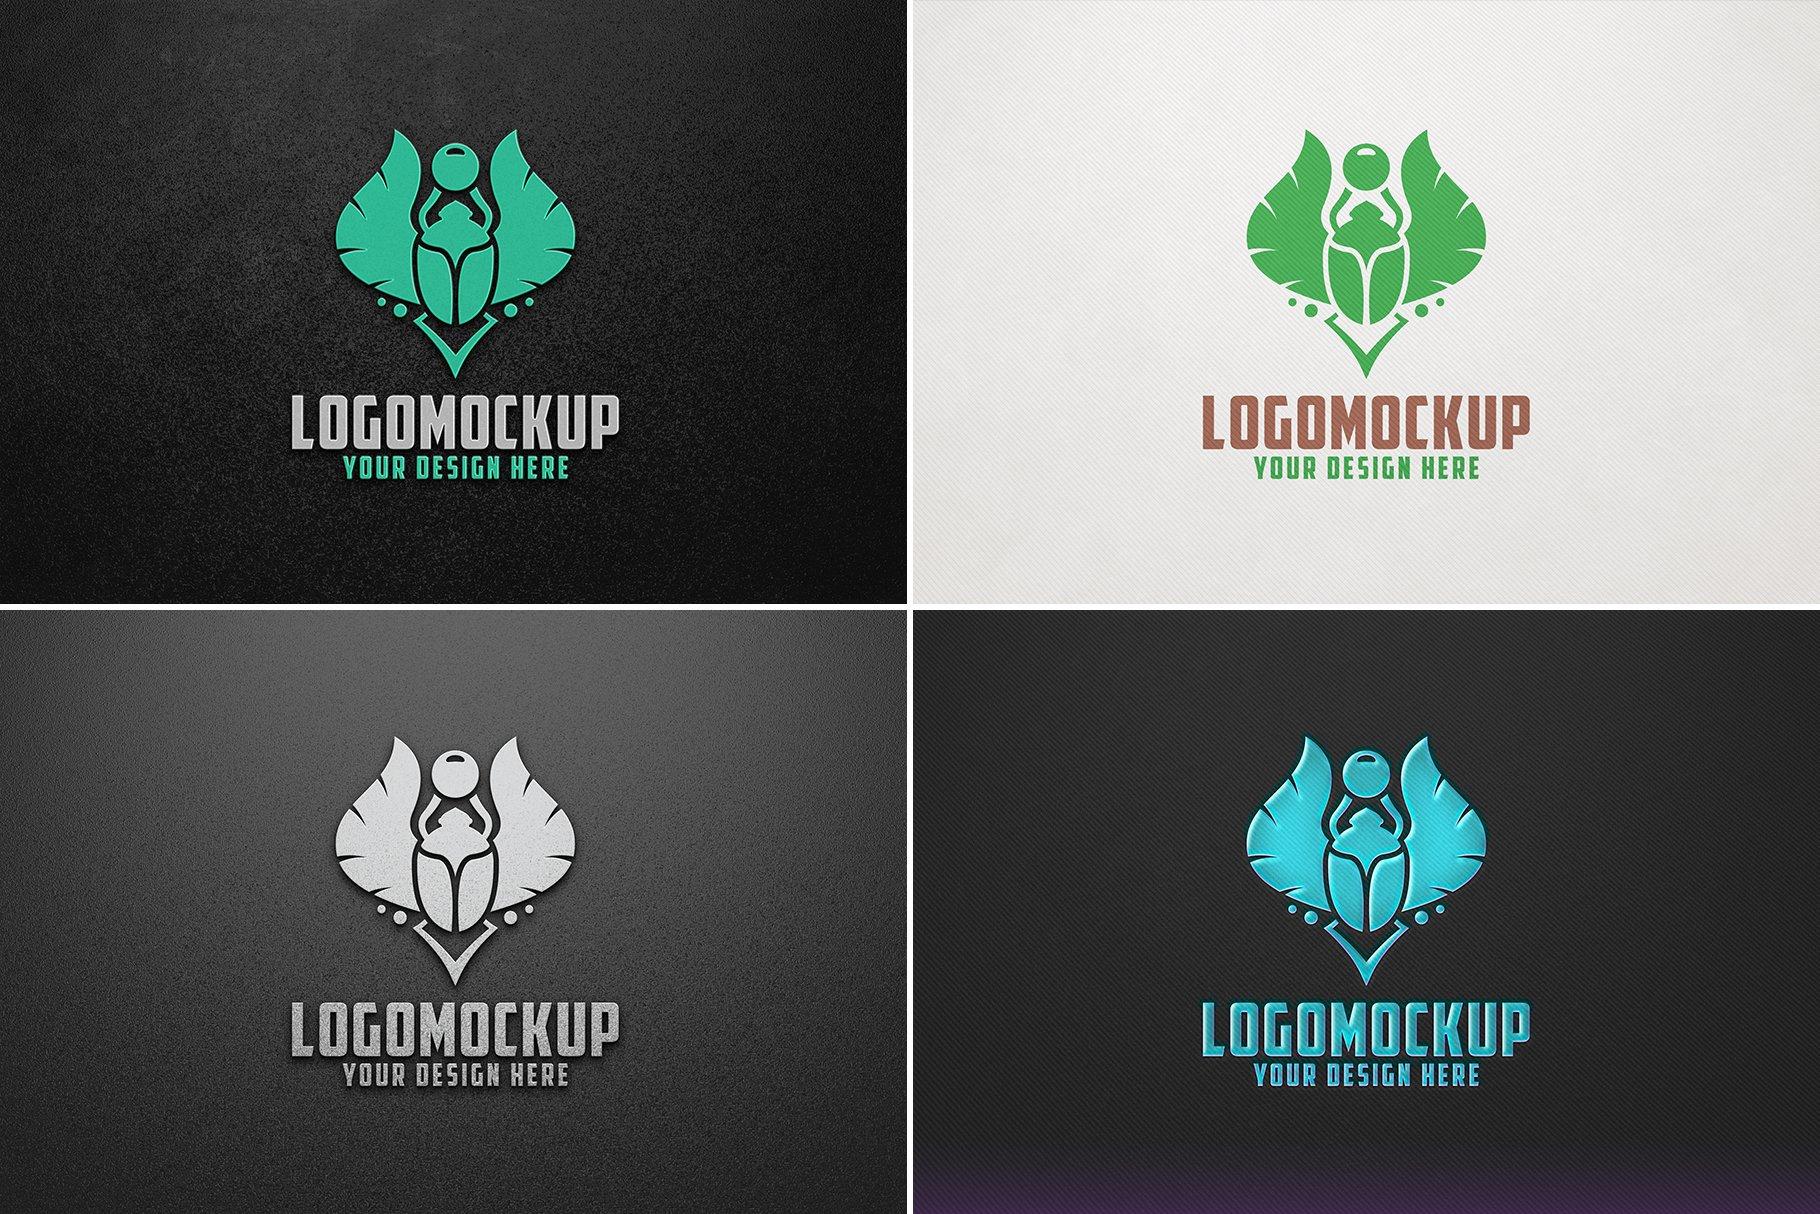 100款品牌标志LOGO徽标设计展示样机模板合集 100 Logo Mockups Bundle Vol.4插图(17)